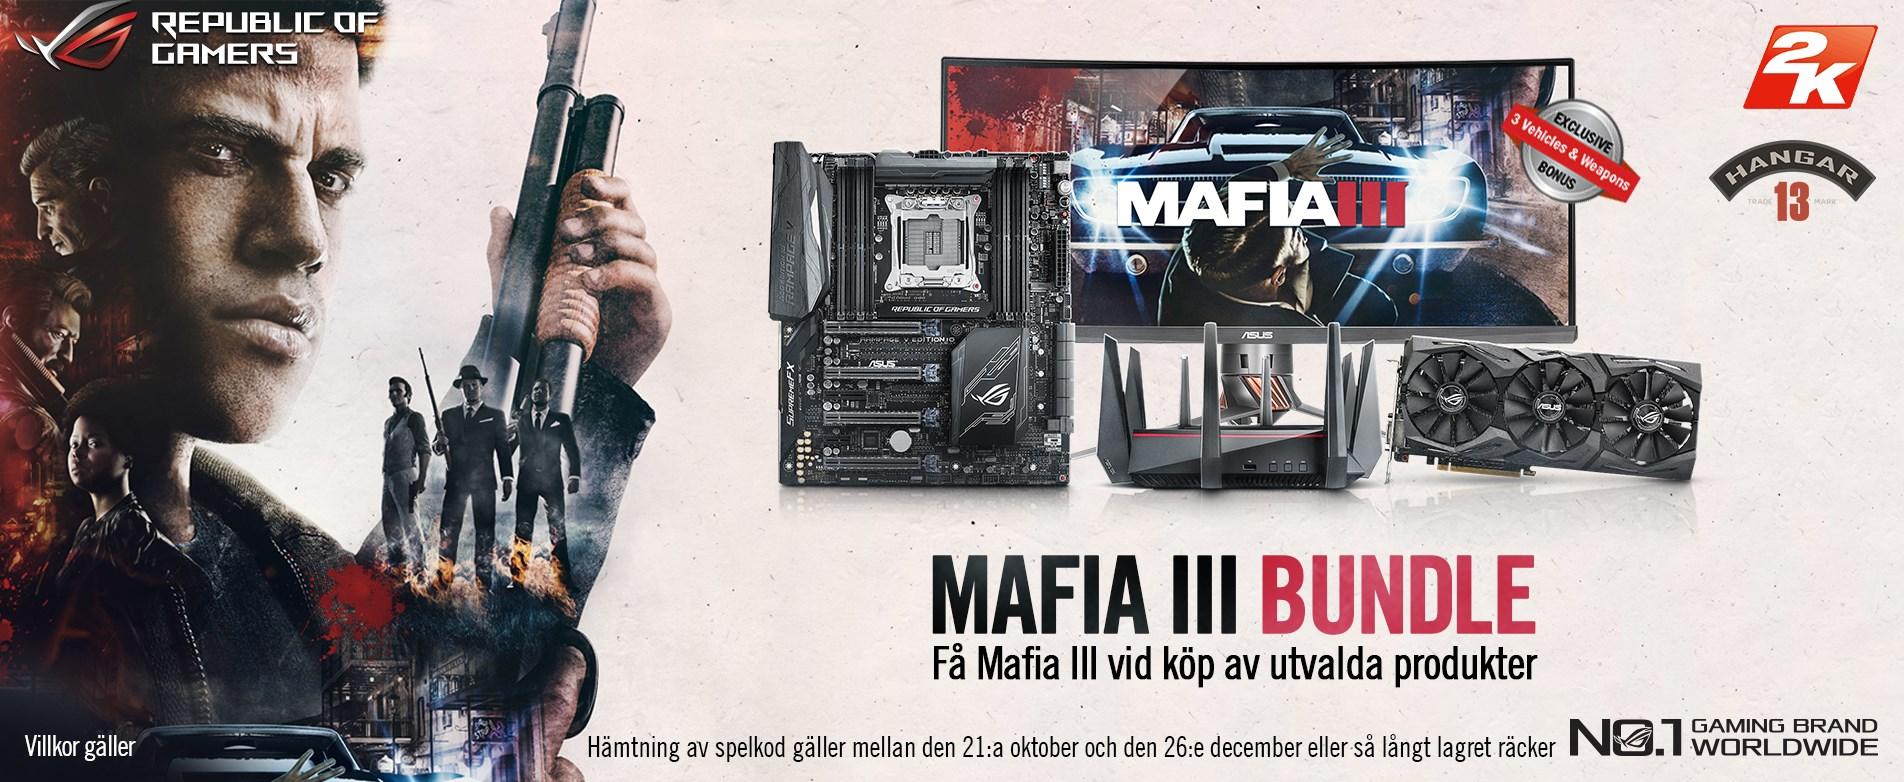 Köp utvalda ASUS-produkter och få Mafia III utan extra kostnad